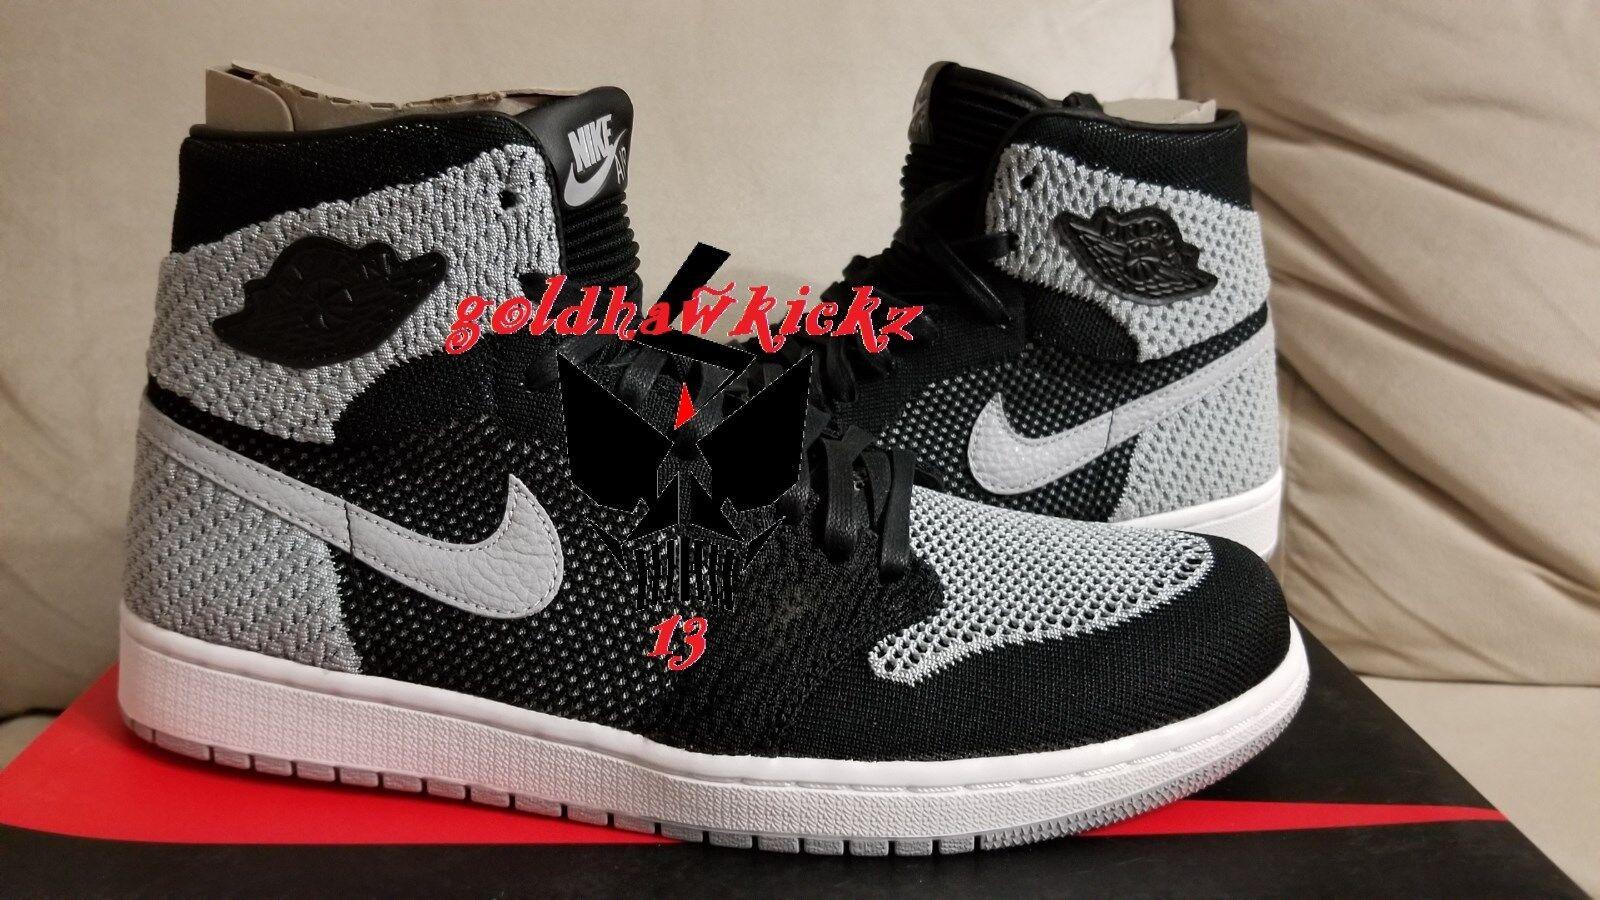 Nike Air Jordan 1 retro high Flyknit Shadow Black Grey 919704 003